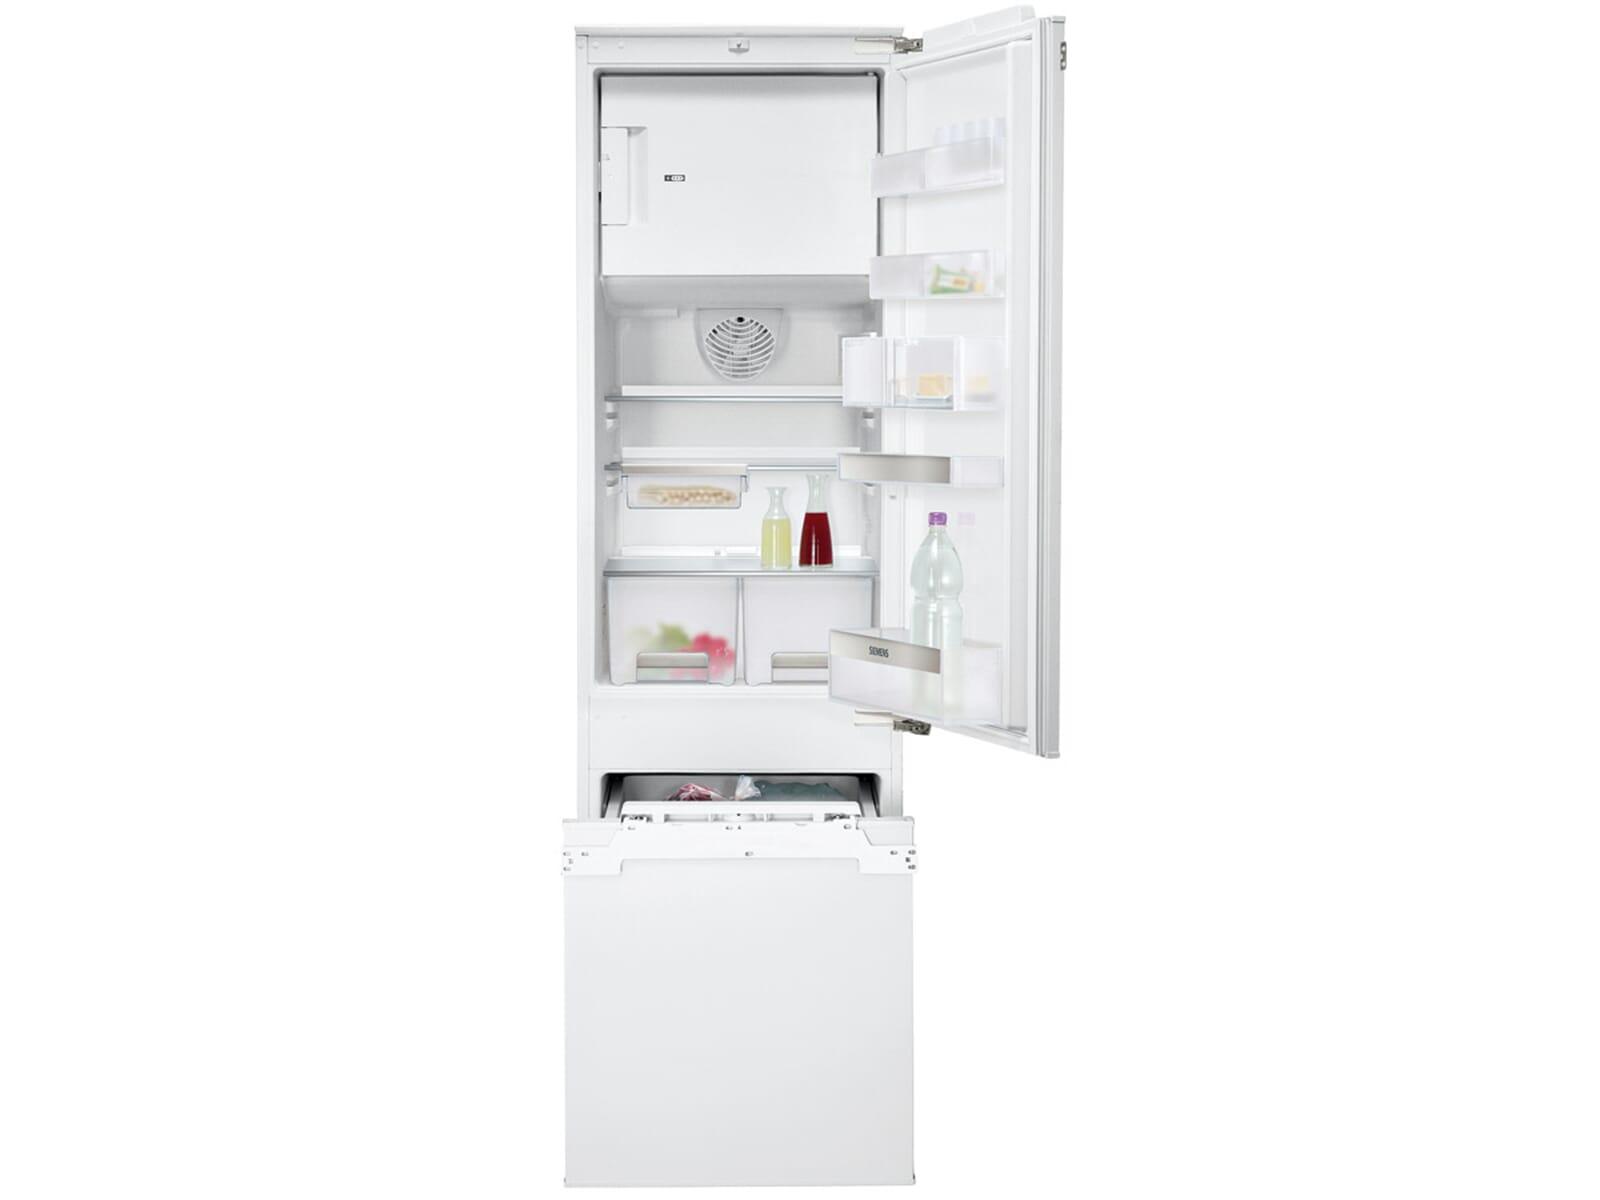 Bomann Kühlschrank Mit Eisfach Ks 3261 : Kühlschrank angebot wetterfester kühlschrank günstige